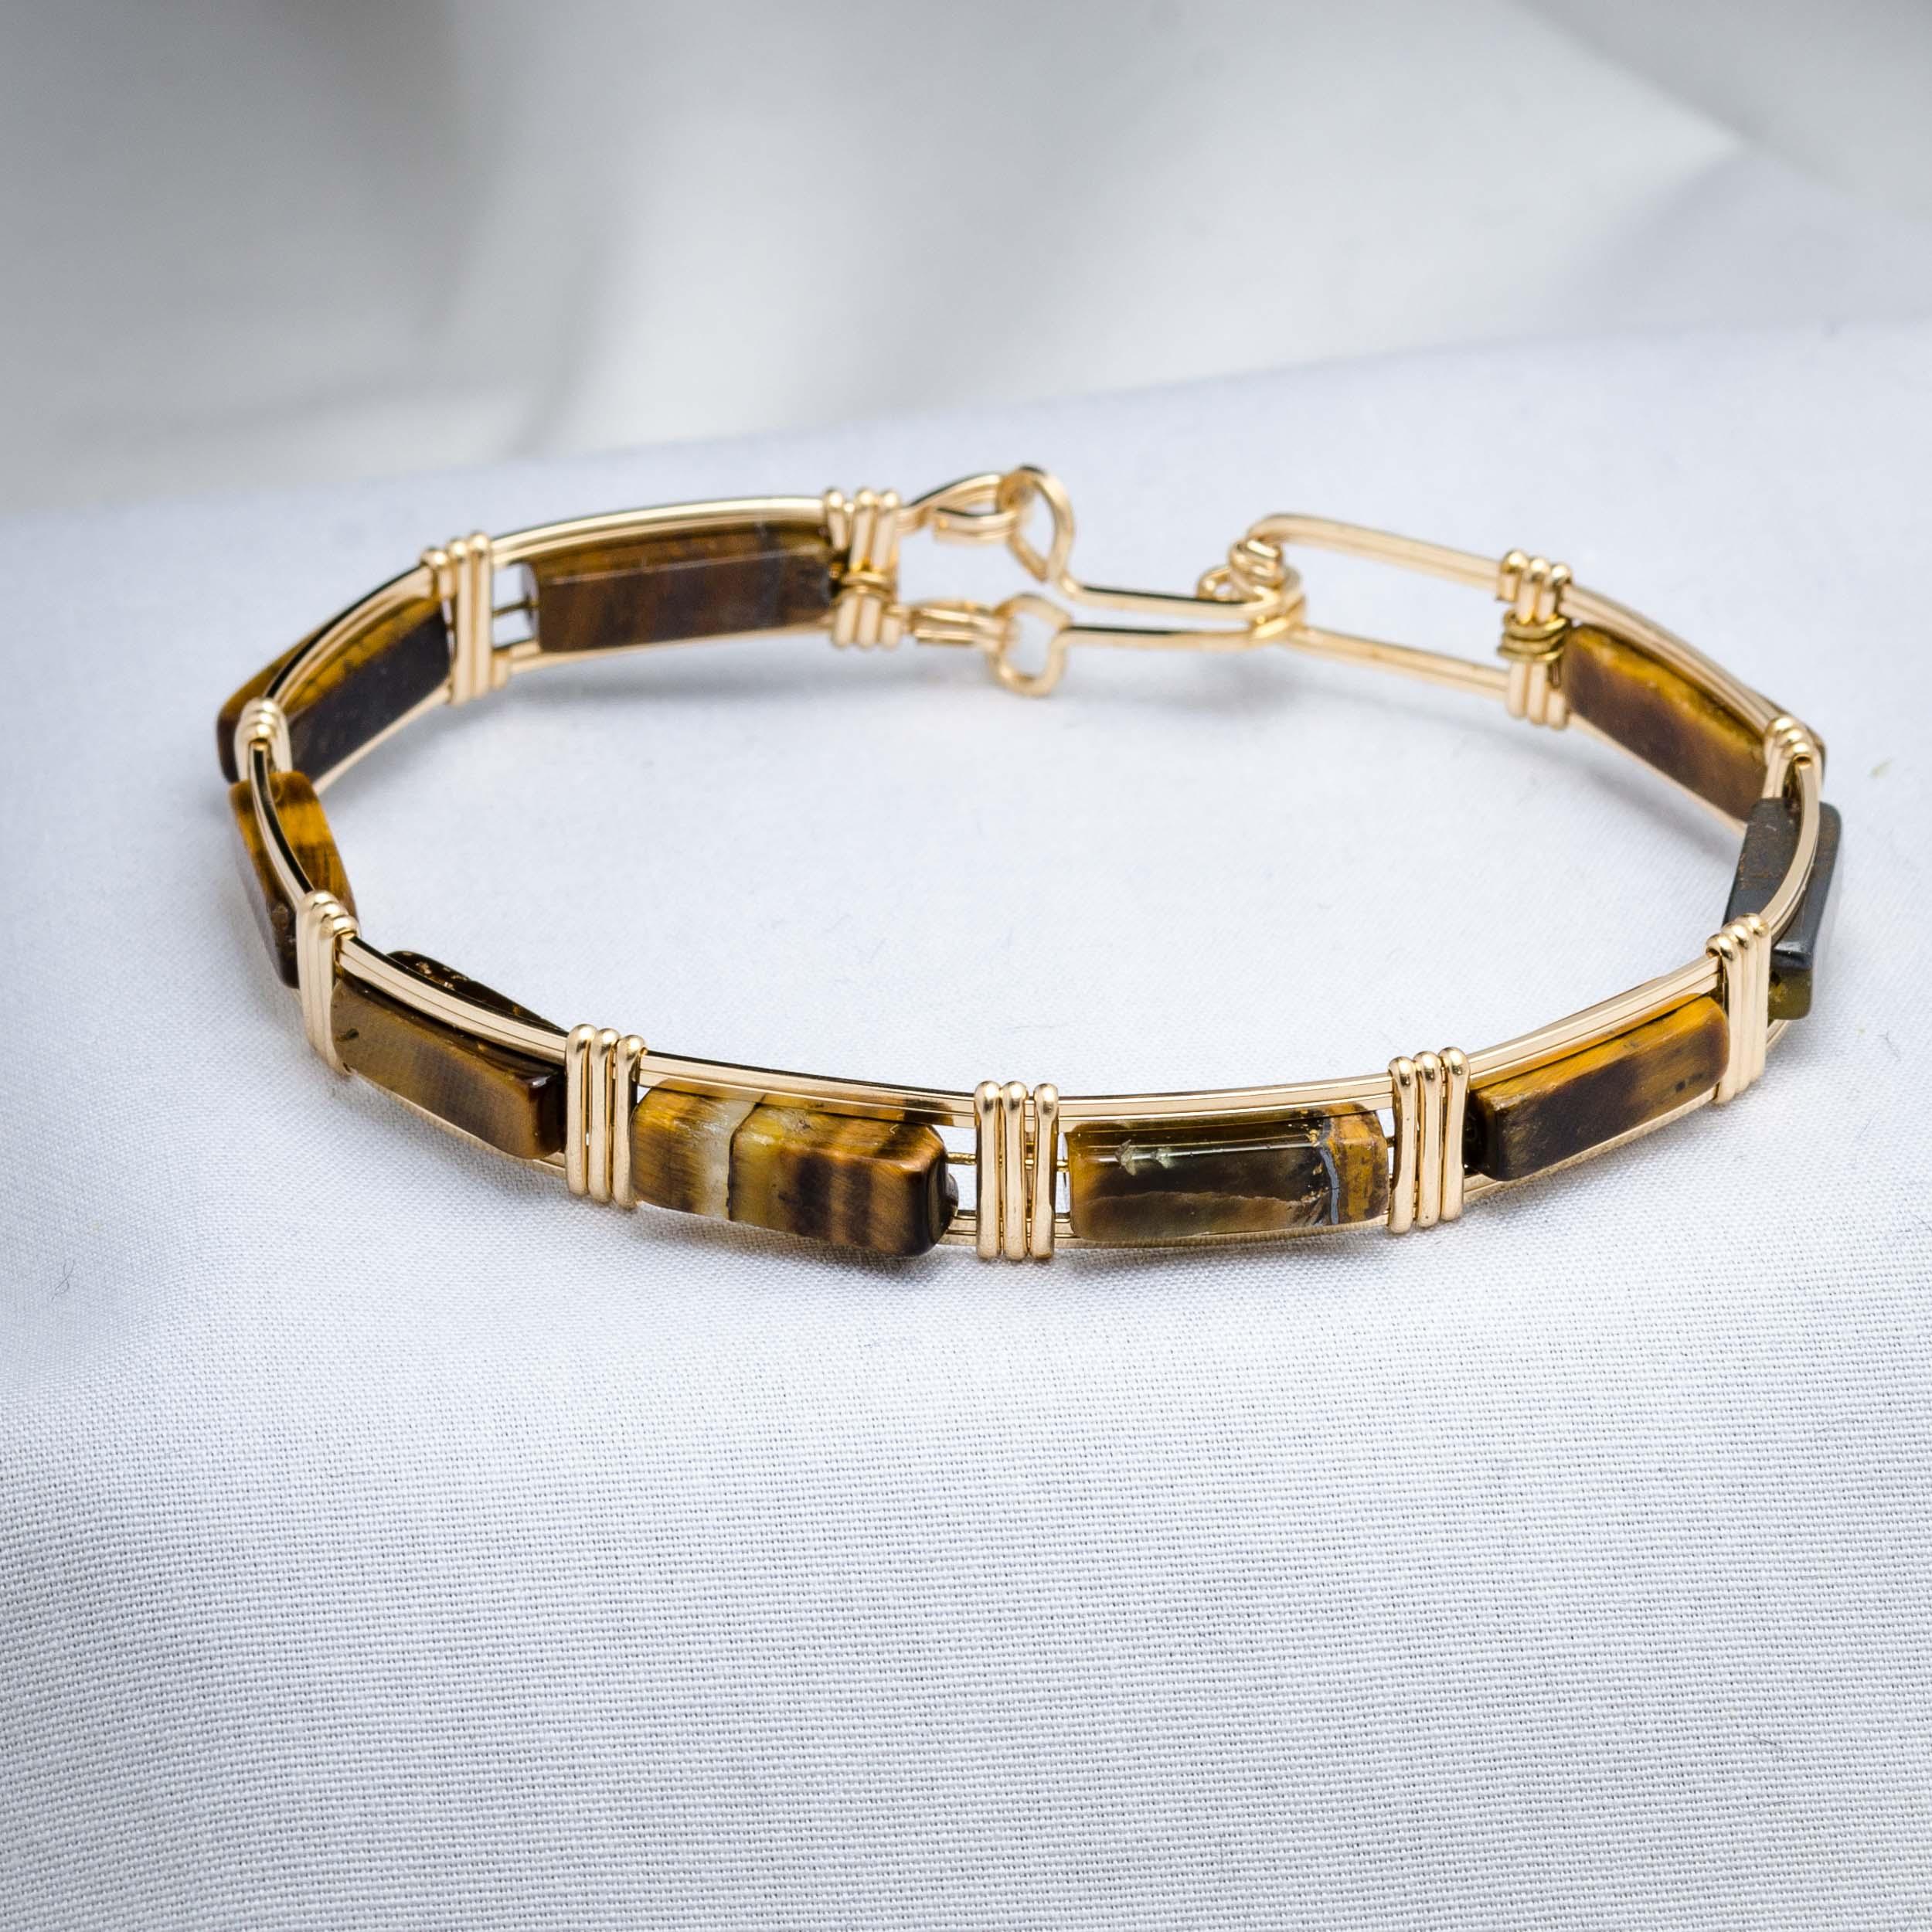 Bracelet_119.JPG